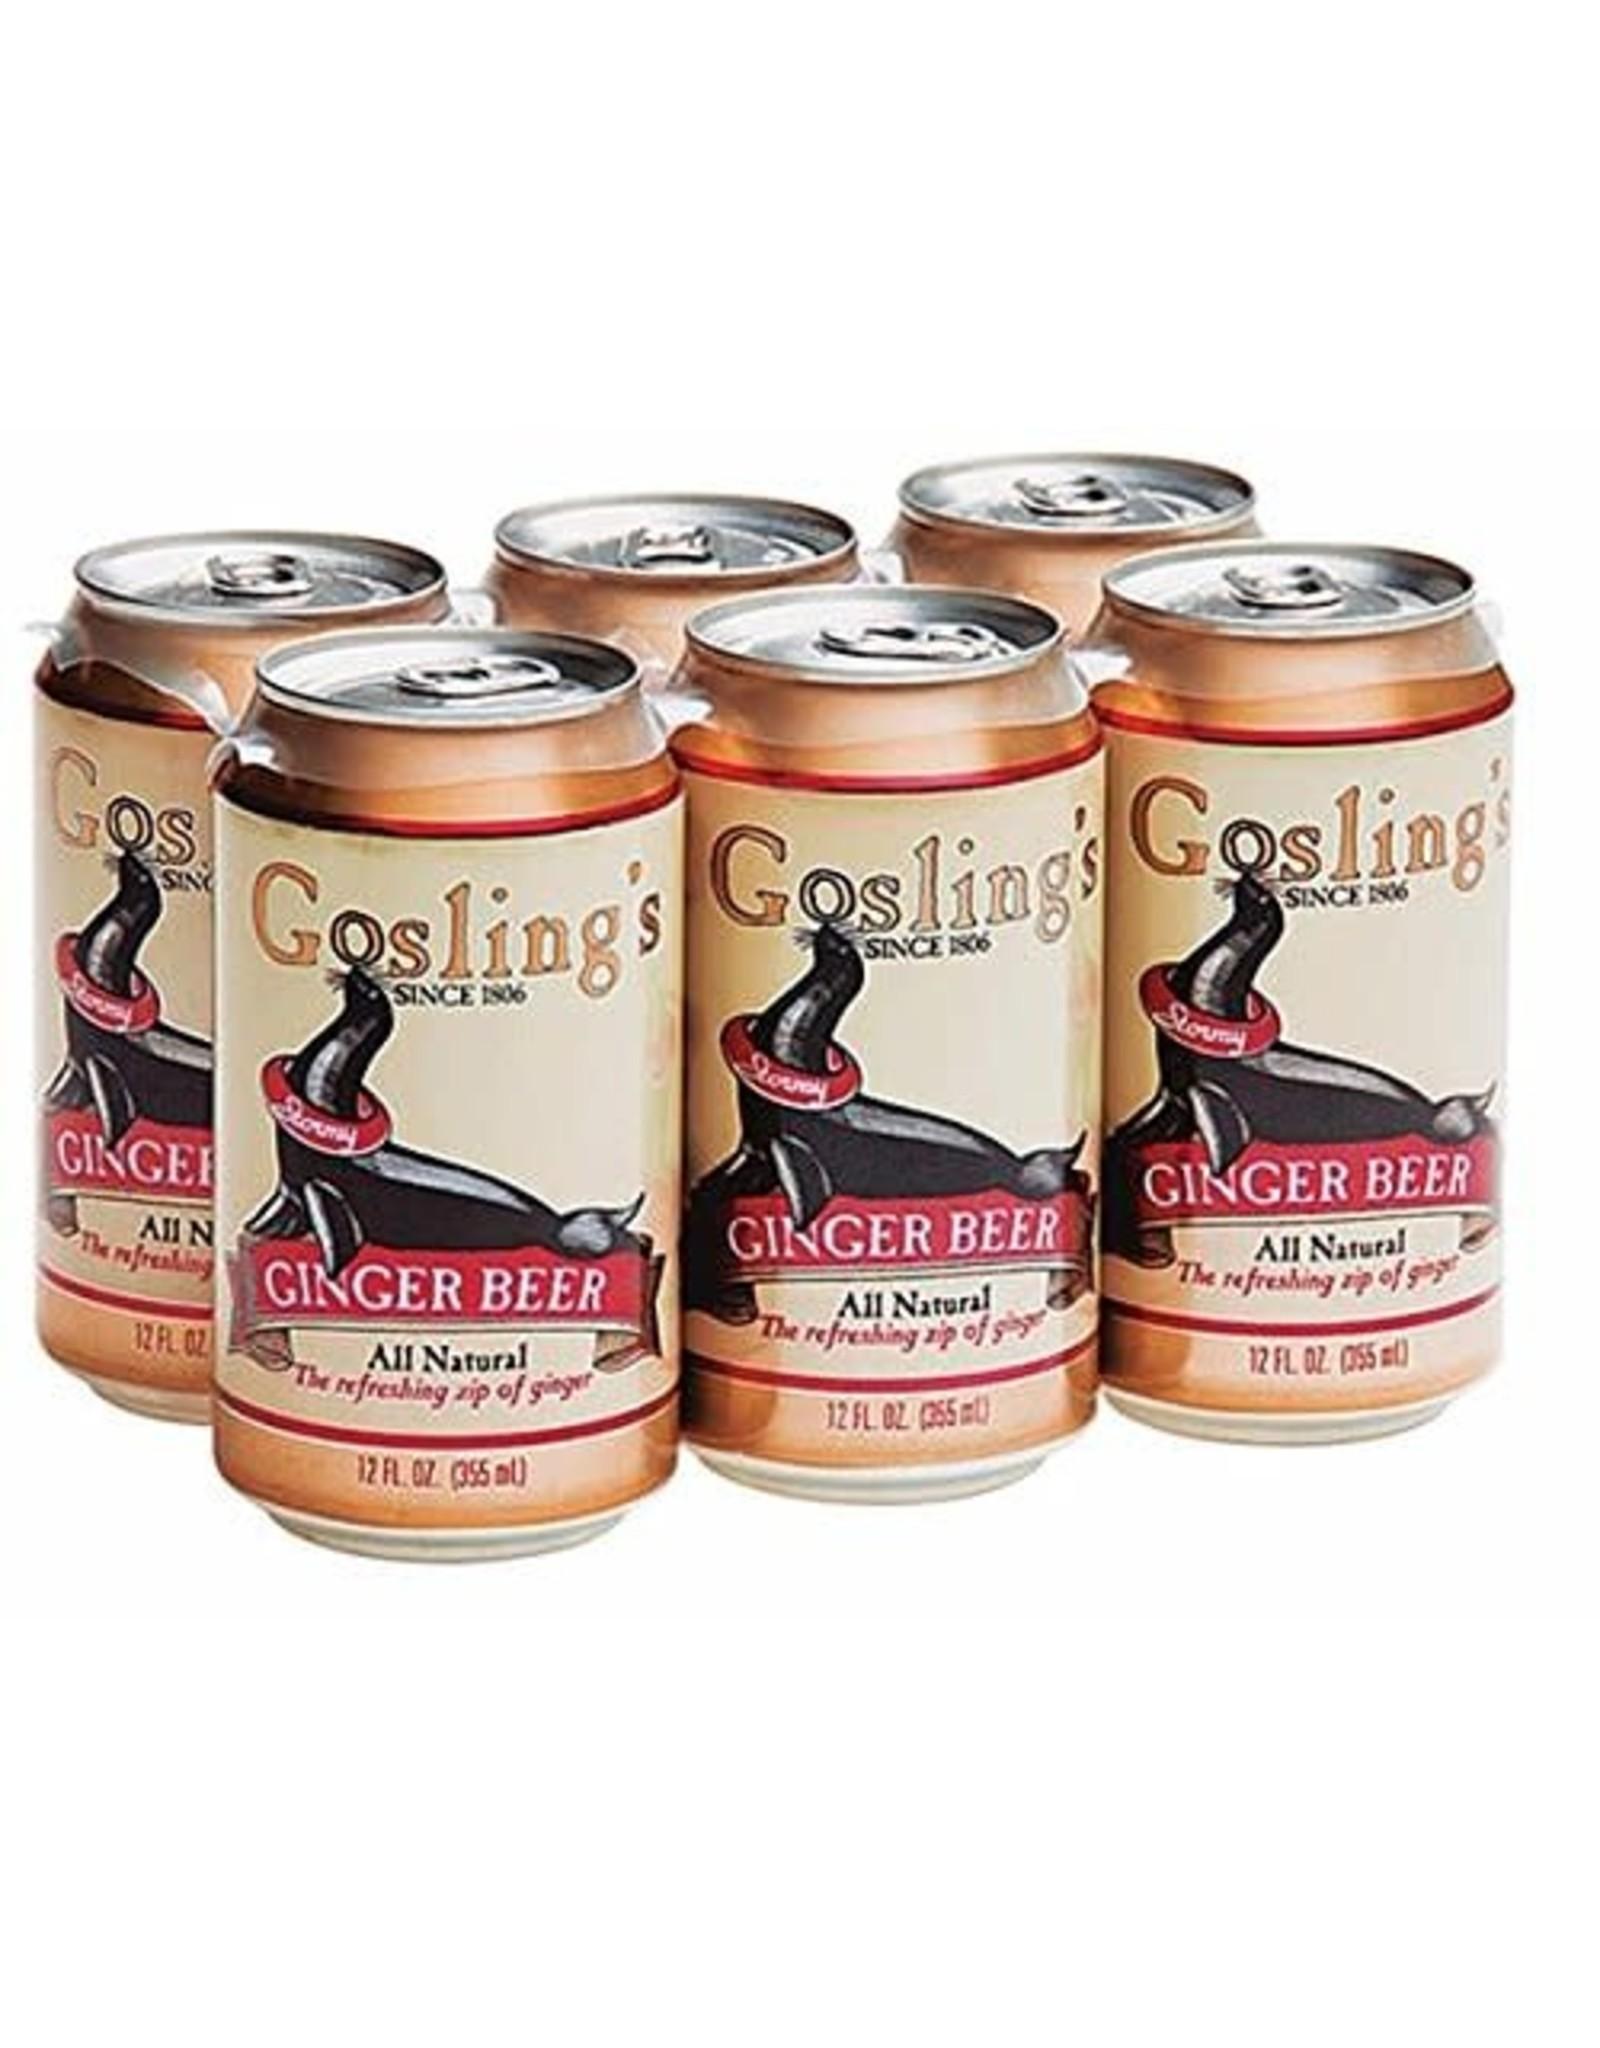 Goslings Ginger Beer 6 Pack